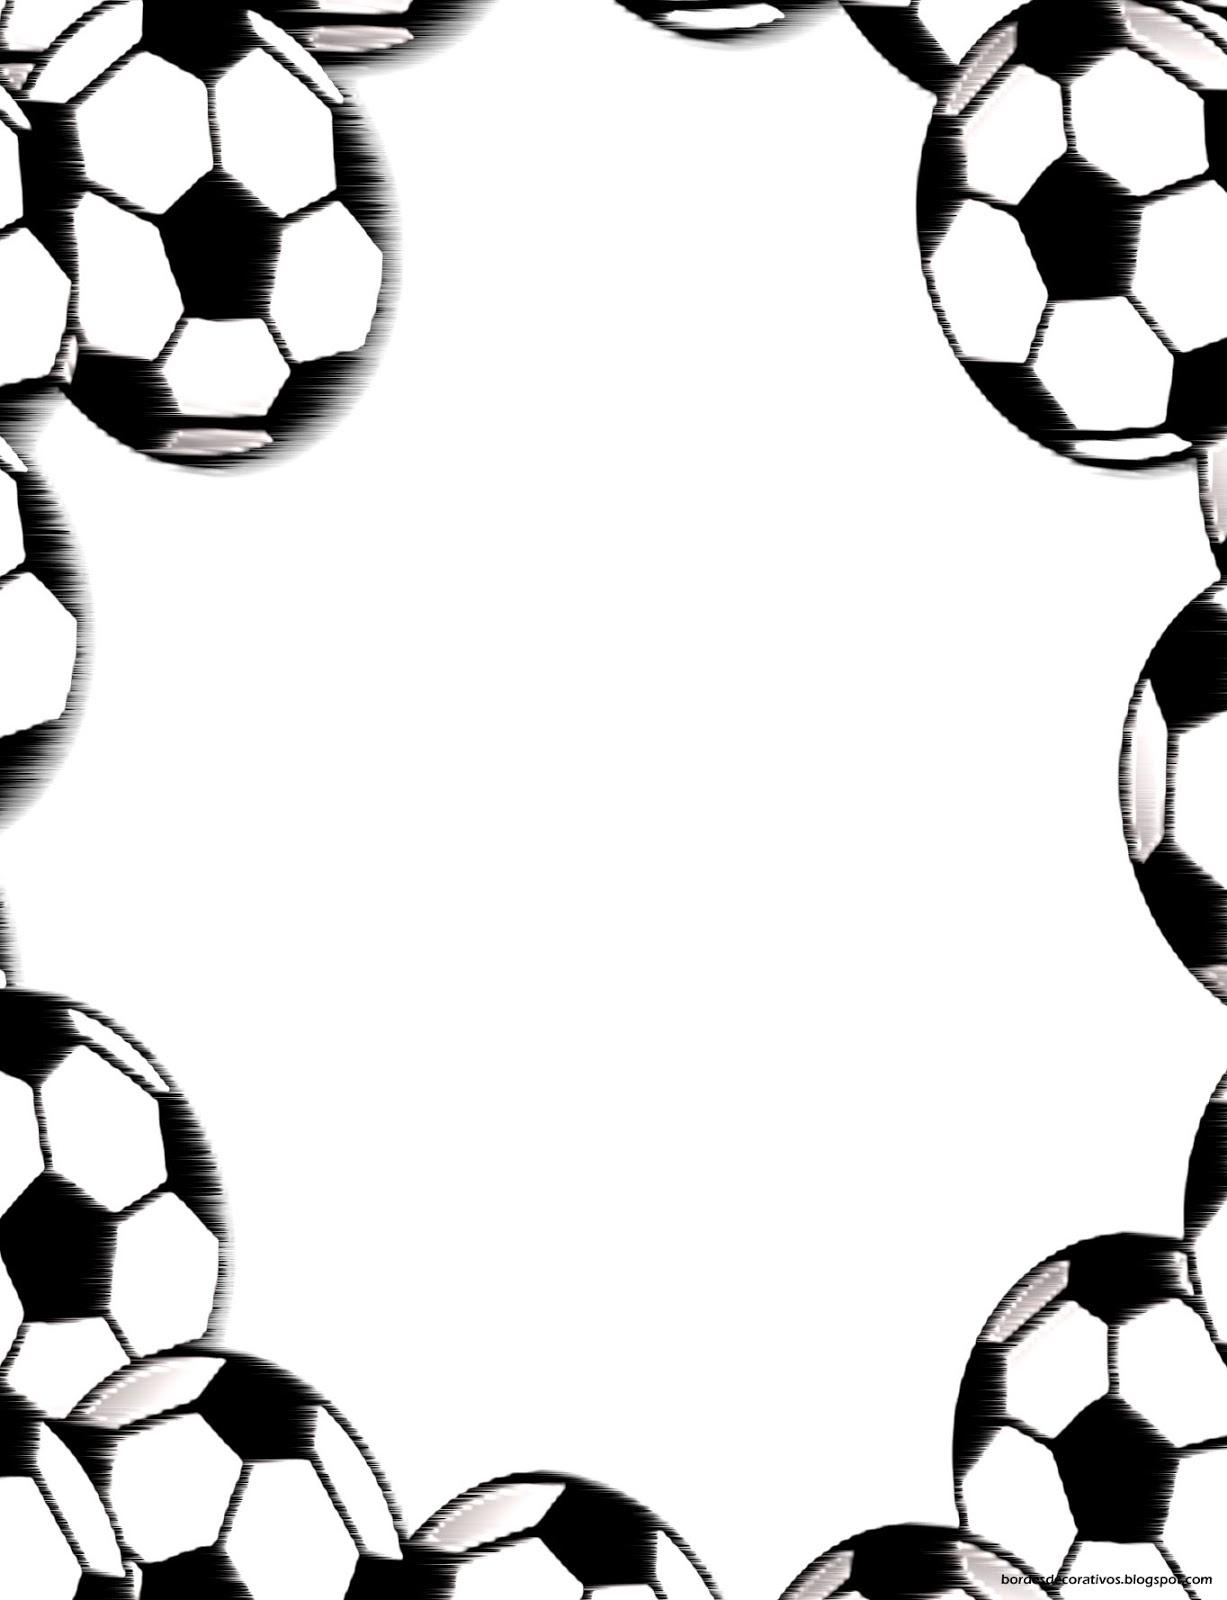 Bordes Decorativos: Bordes decorativos de hojas de Fútbol para imprimir